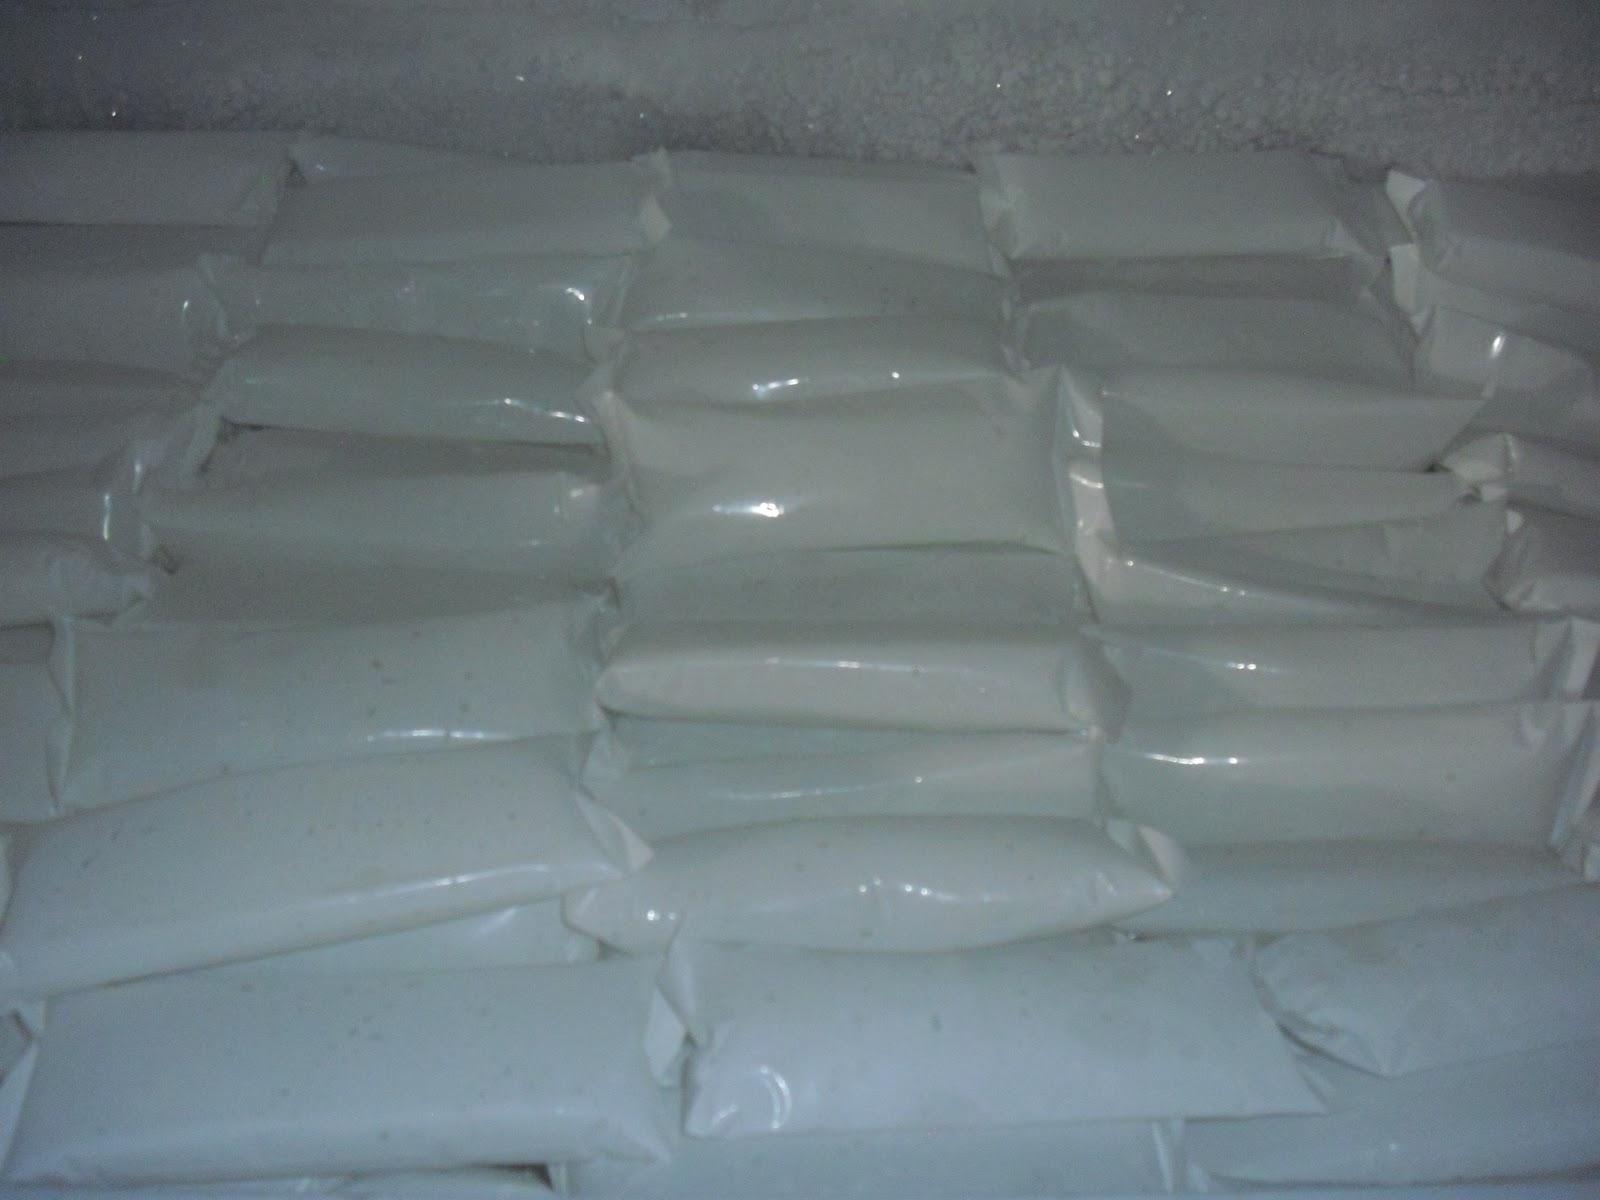 BÁN ĐÁ KHÔ , ĐÁ GEL: CÁCH PHÂN BIỆT ĐÁ GEL ( túi gel ) TỐT và CHẤT LƯỢNG